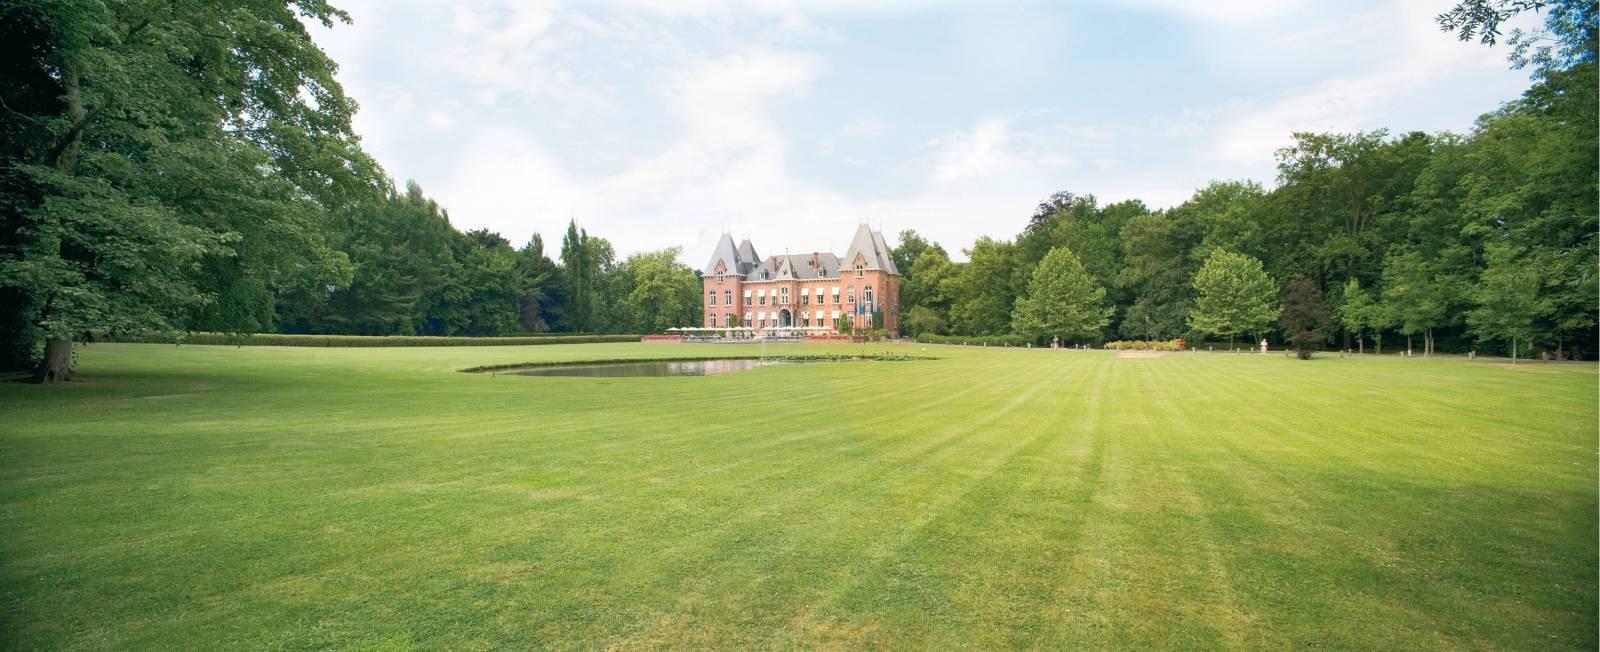 Kasteel Gravenhof - Feestzaal - House of Weddings  - 1